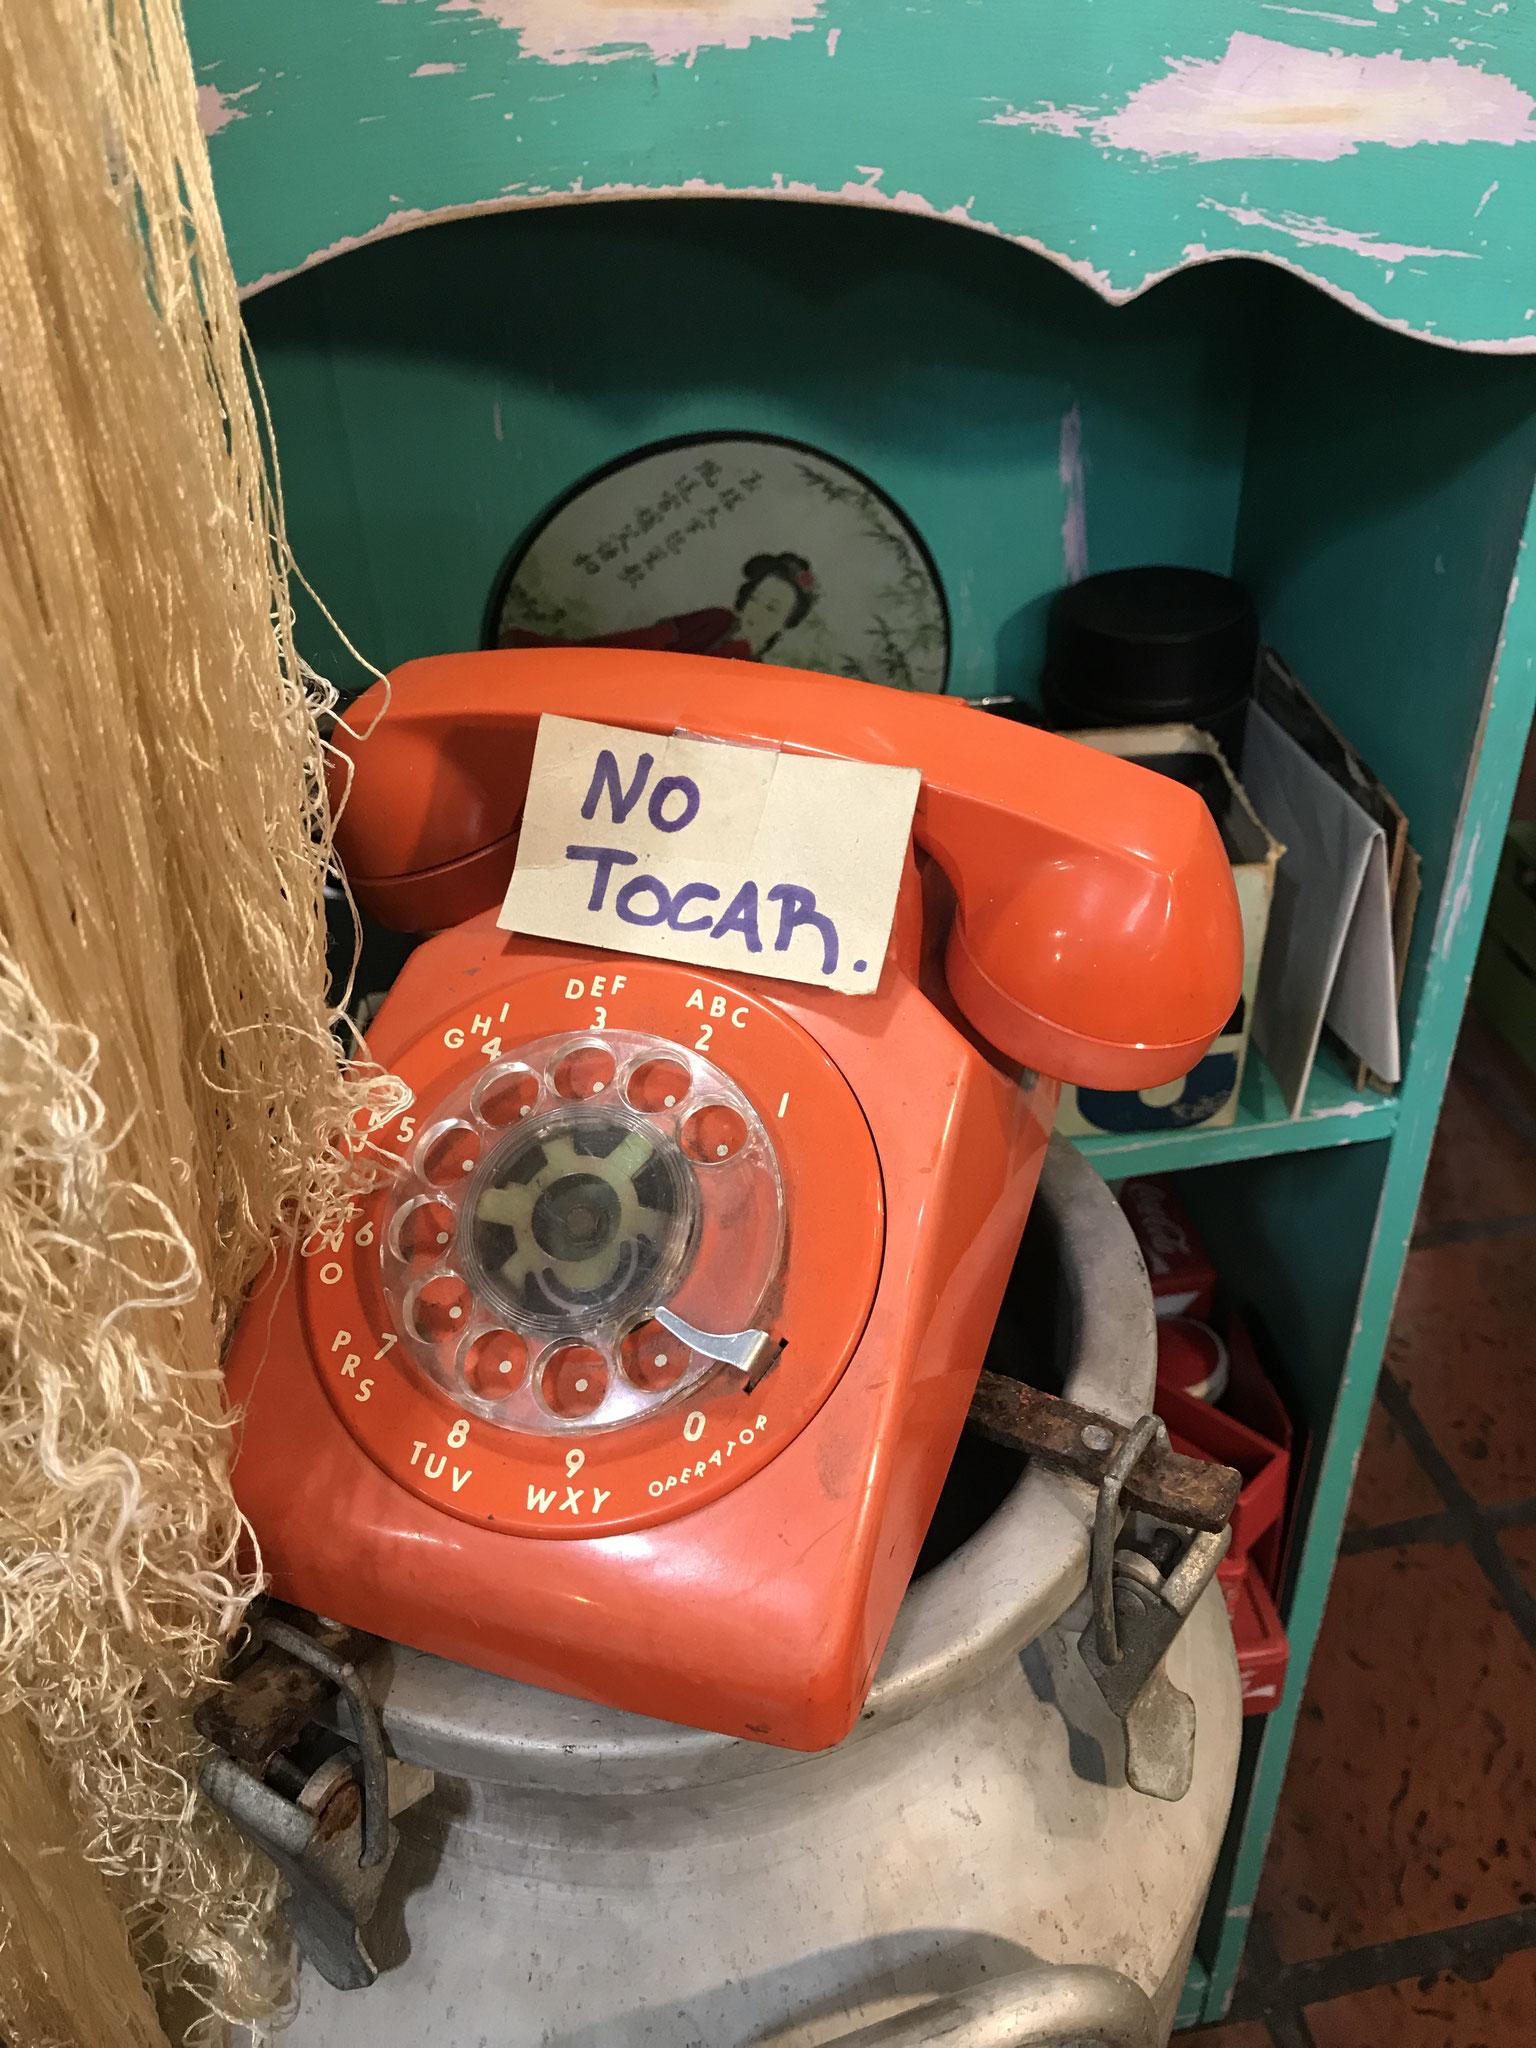 Langsam kommen wir der Sache etwas näher.... immerhin ein oranges Telefon hätten wir schonmal.